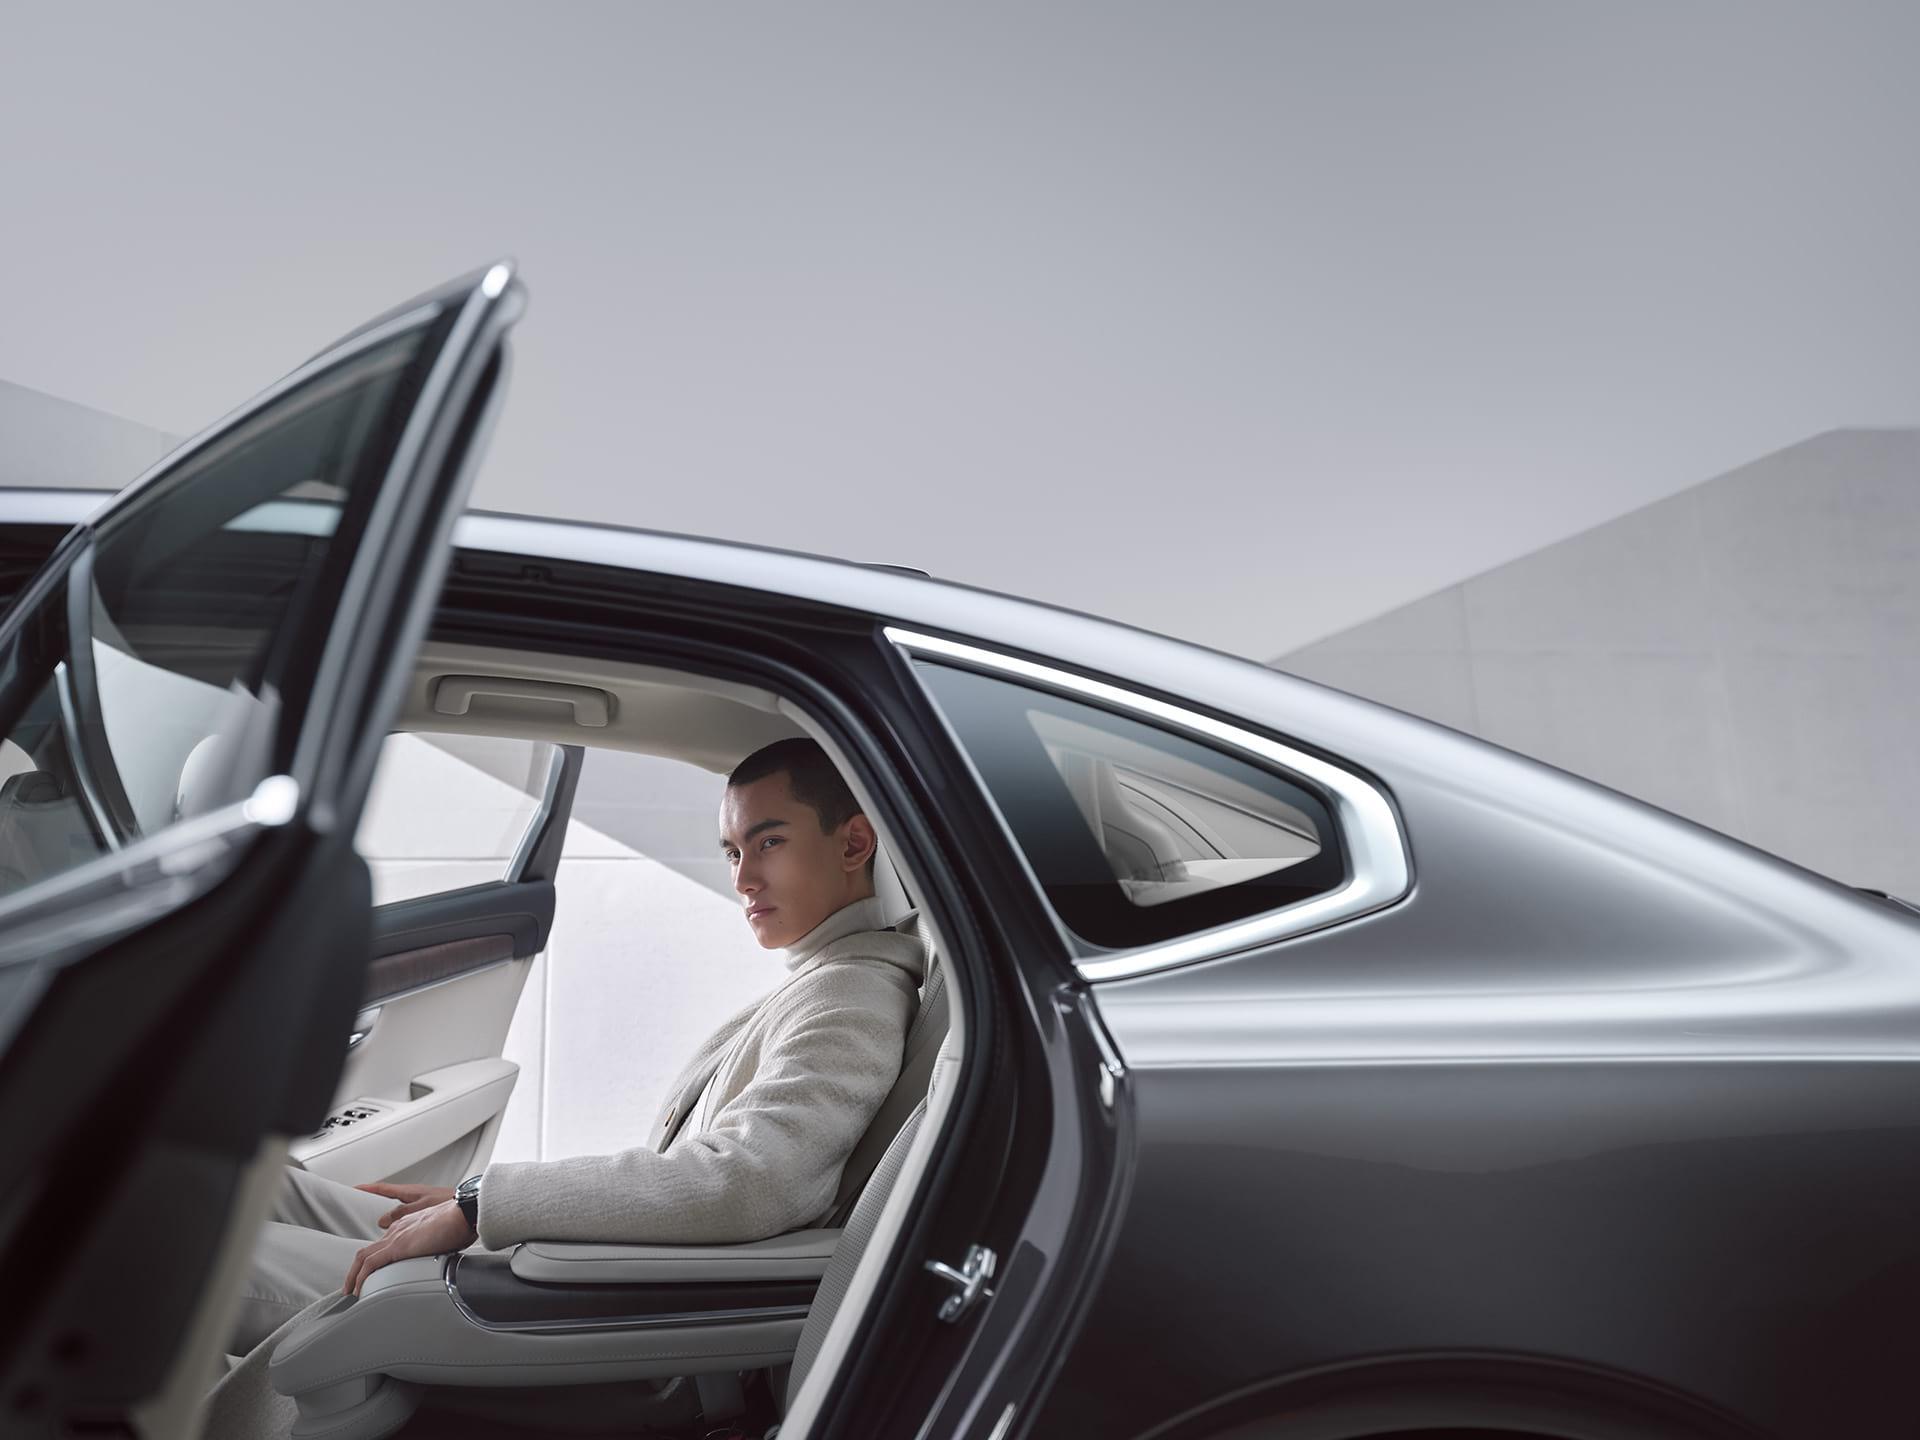 Volvo S90-ın arxa oturacağında əyləşən kişi.